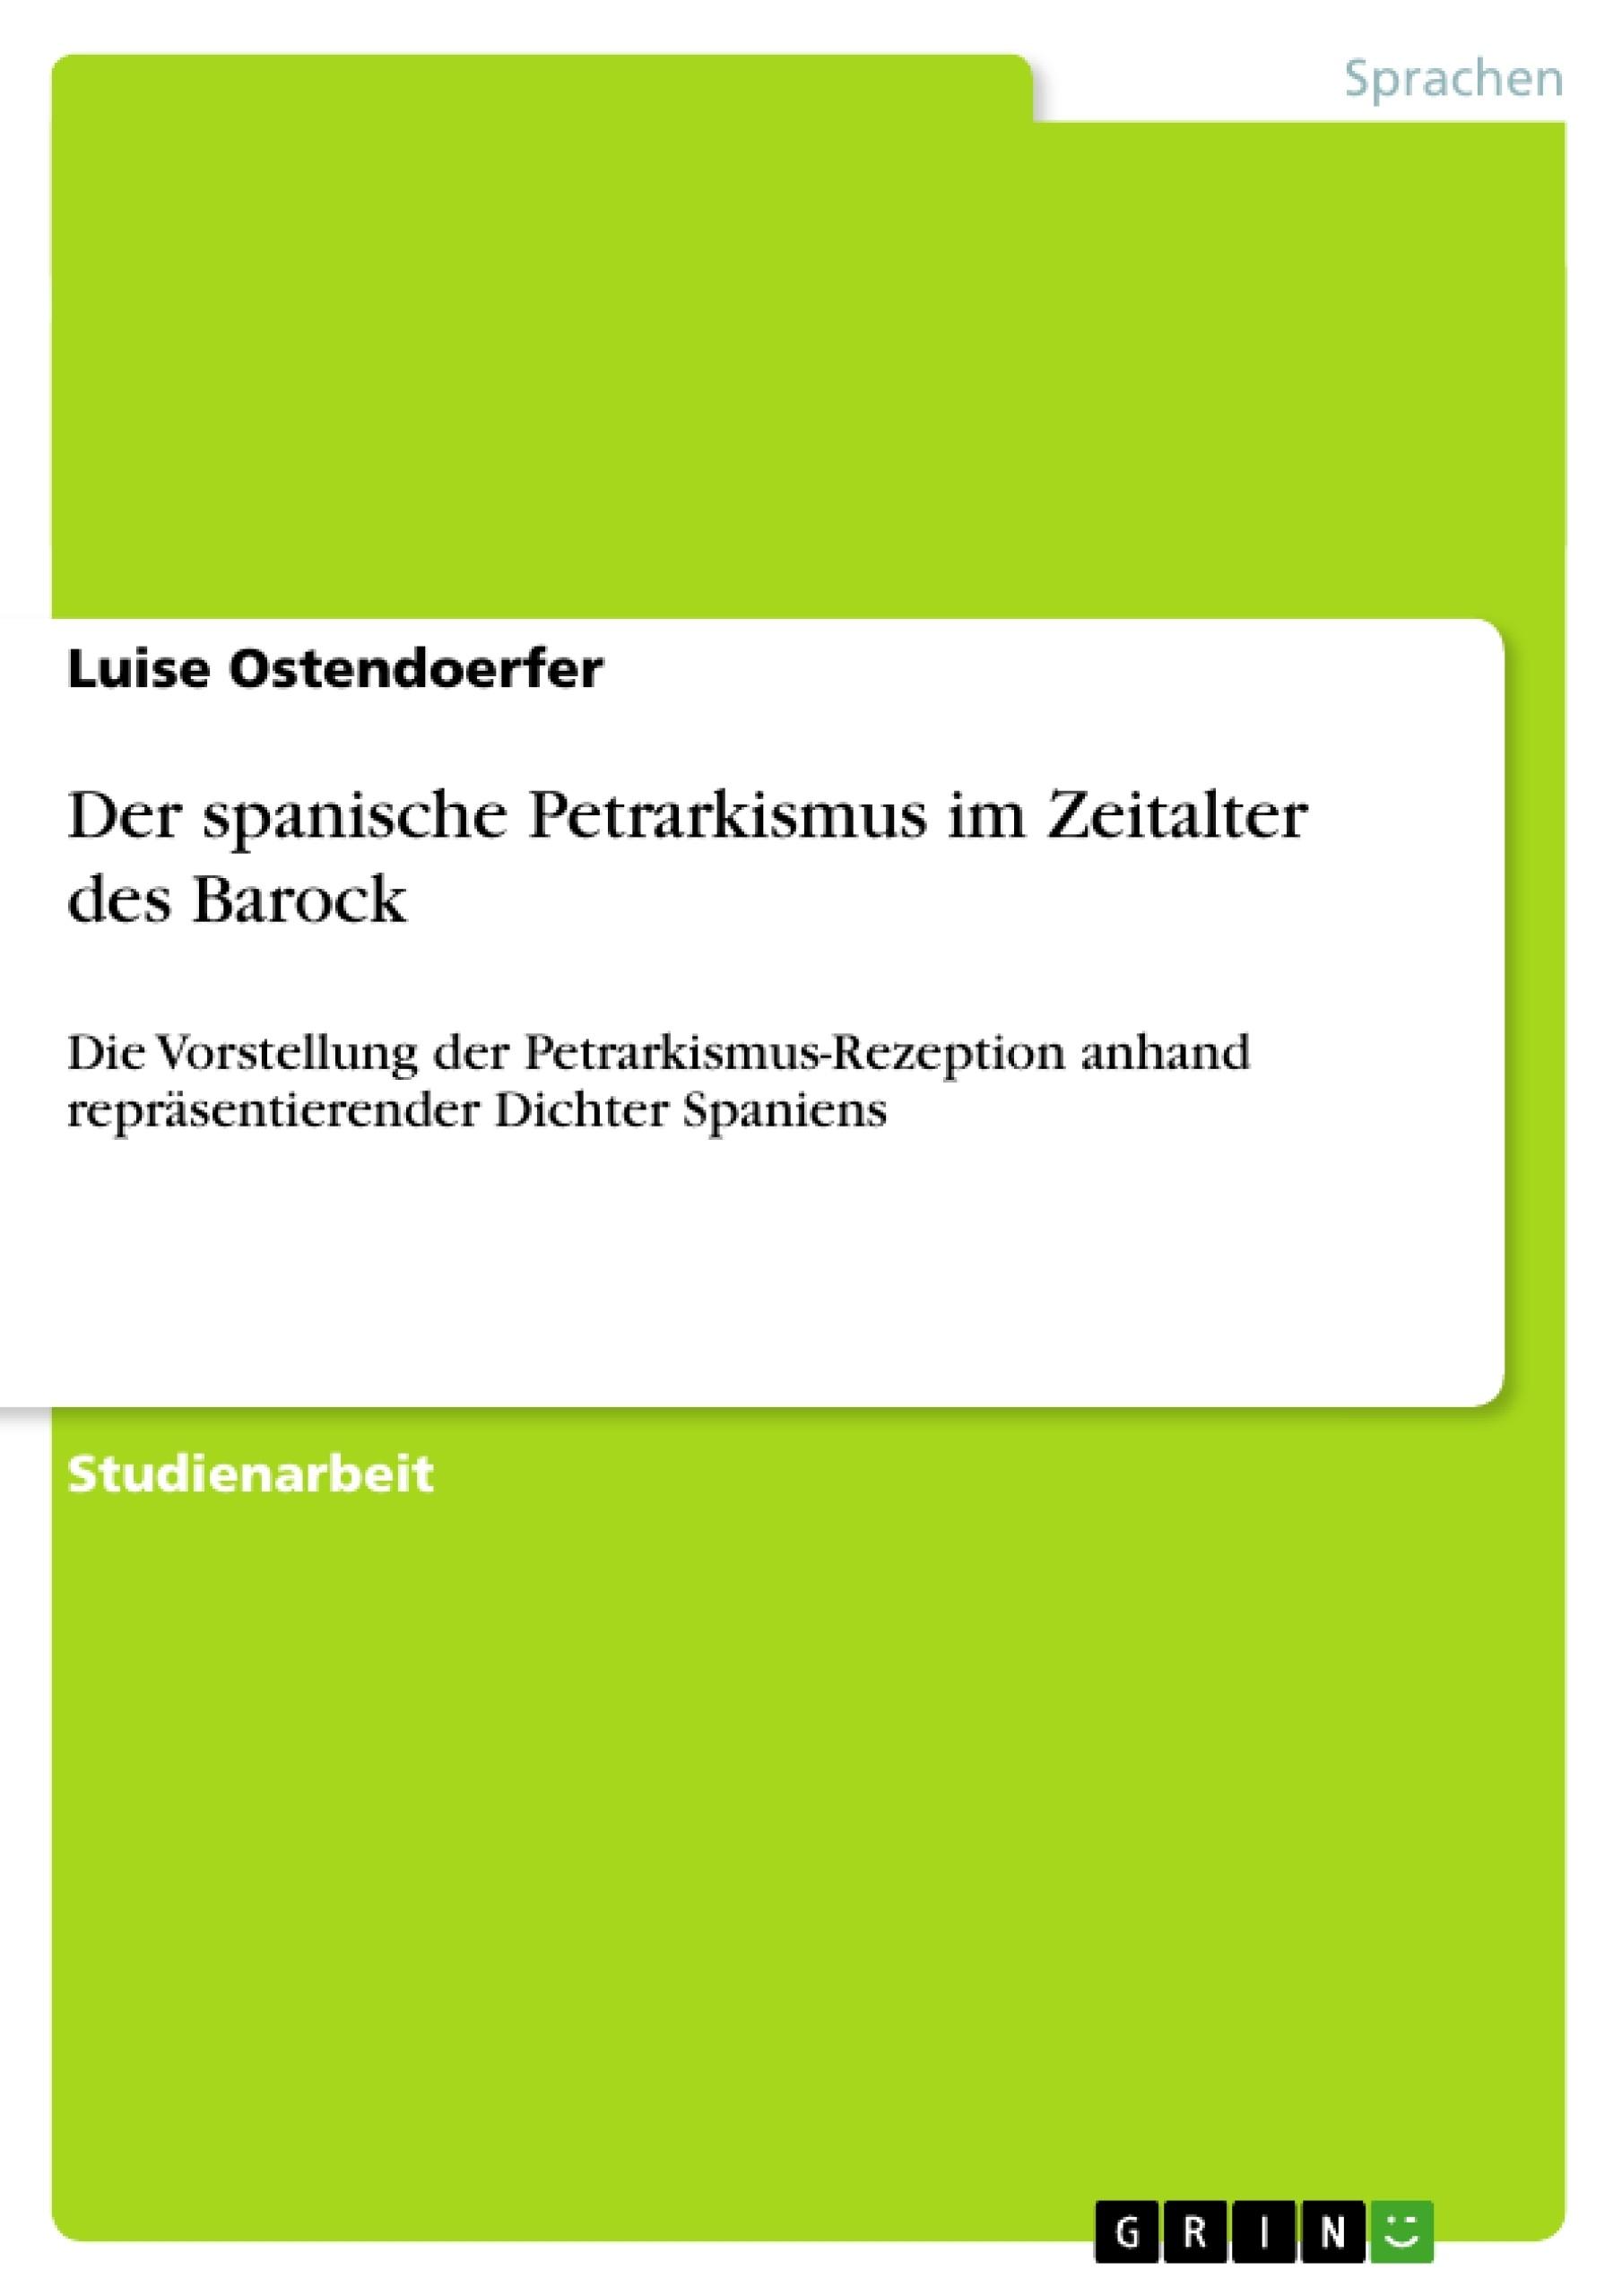 Titel: Der spanische Petrarkismus im Zeitalter des Barock